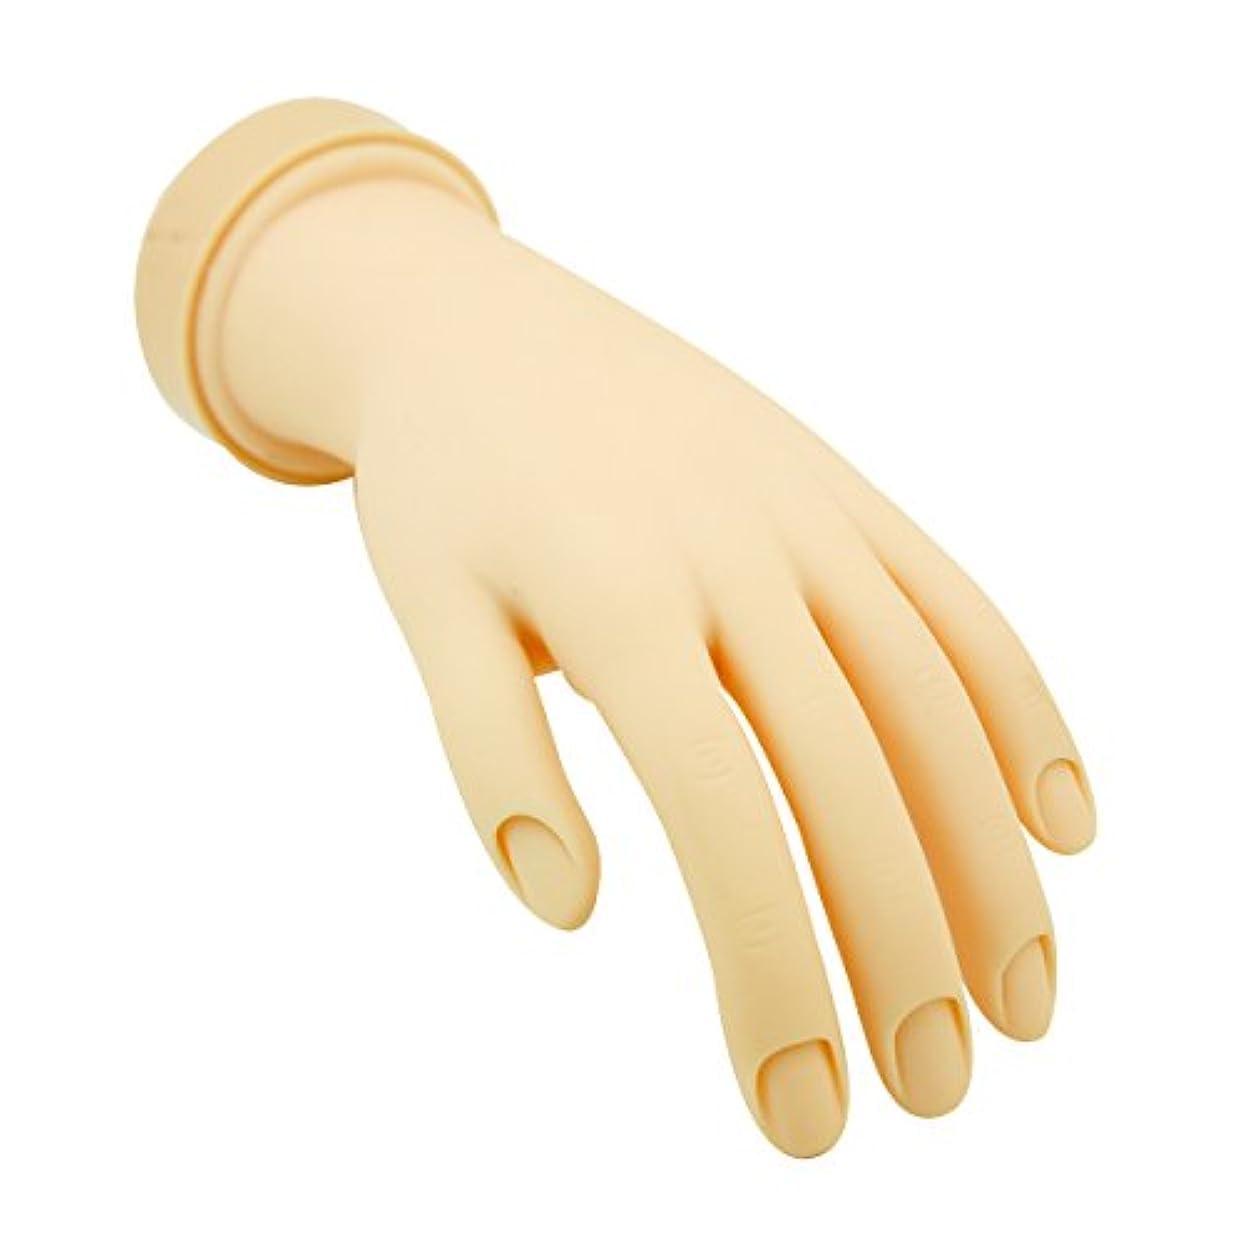 著作権水を飲む叙情的なトレーニングハンド (ネイル用) 左手 [ 練習用マネキン 手 指 ハンドマネキン マネキン 施術用 トレーニング ]